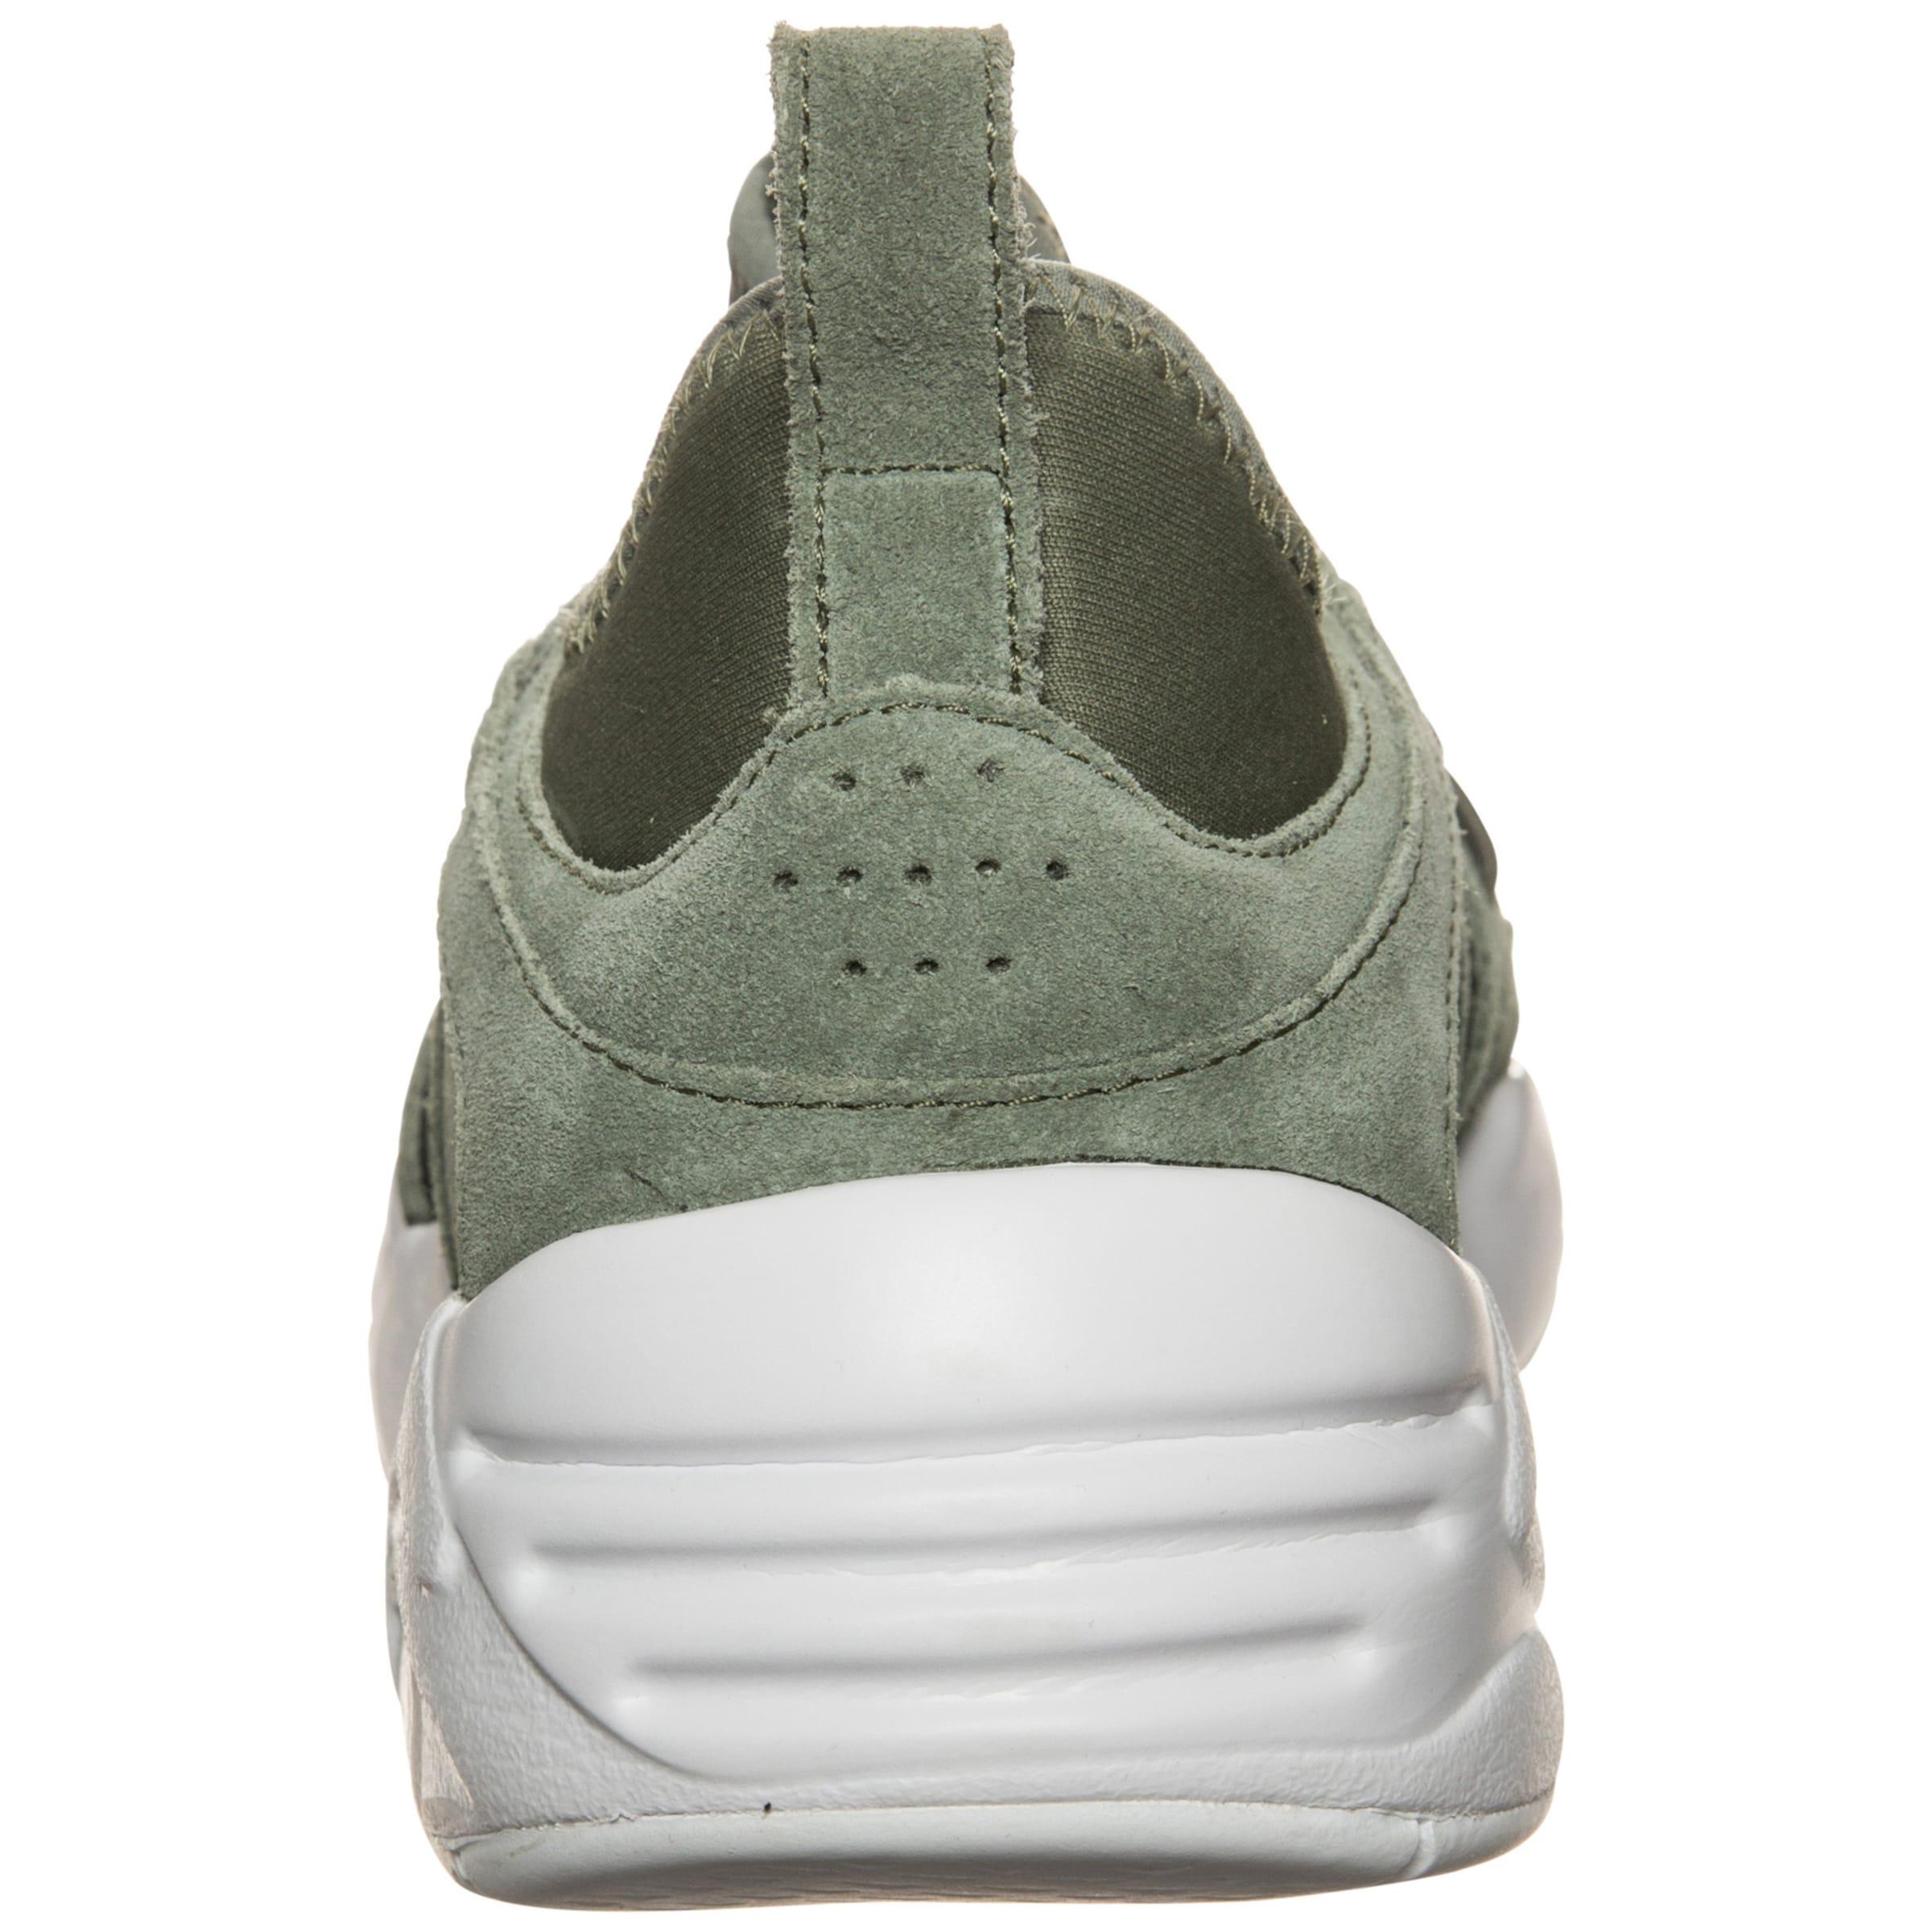 PUMA Sneaker 'Blaze of Glory Soft' Rabatt Echt Verkauf Extrem Freies Verschiffen Beruf VnmPWns8U